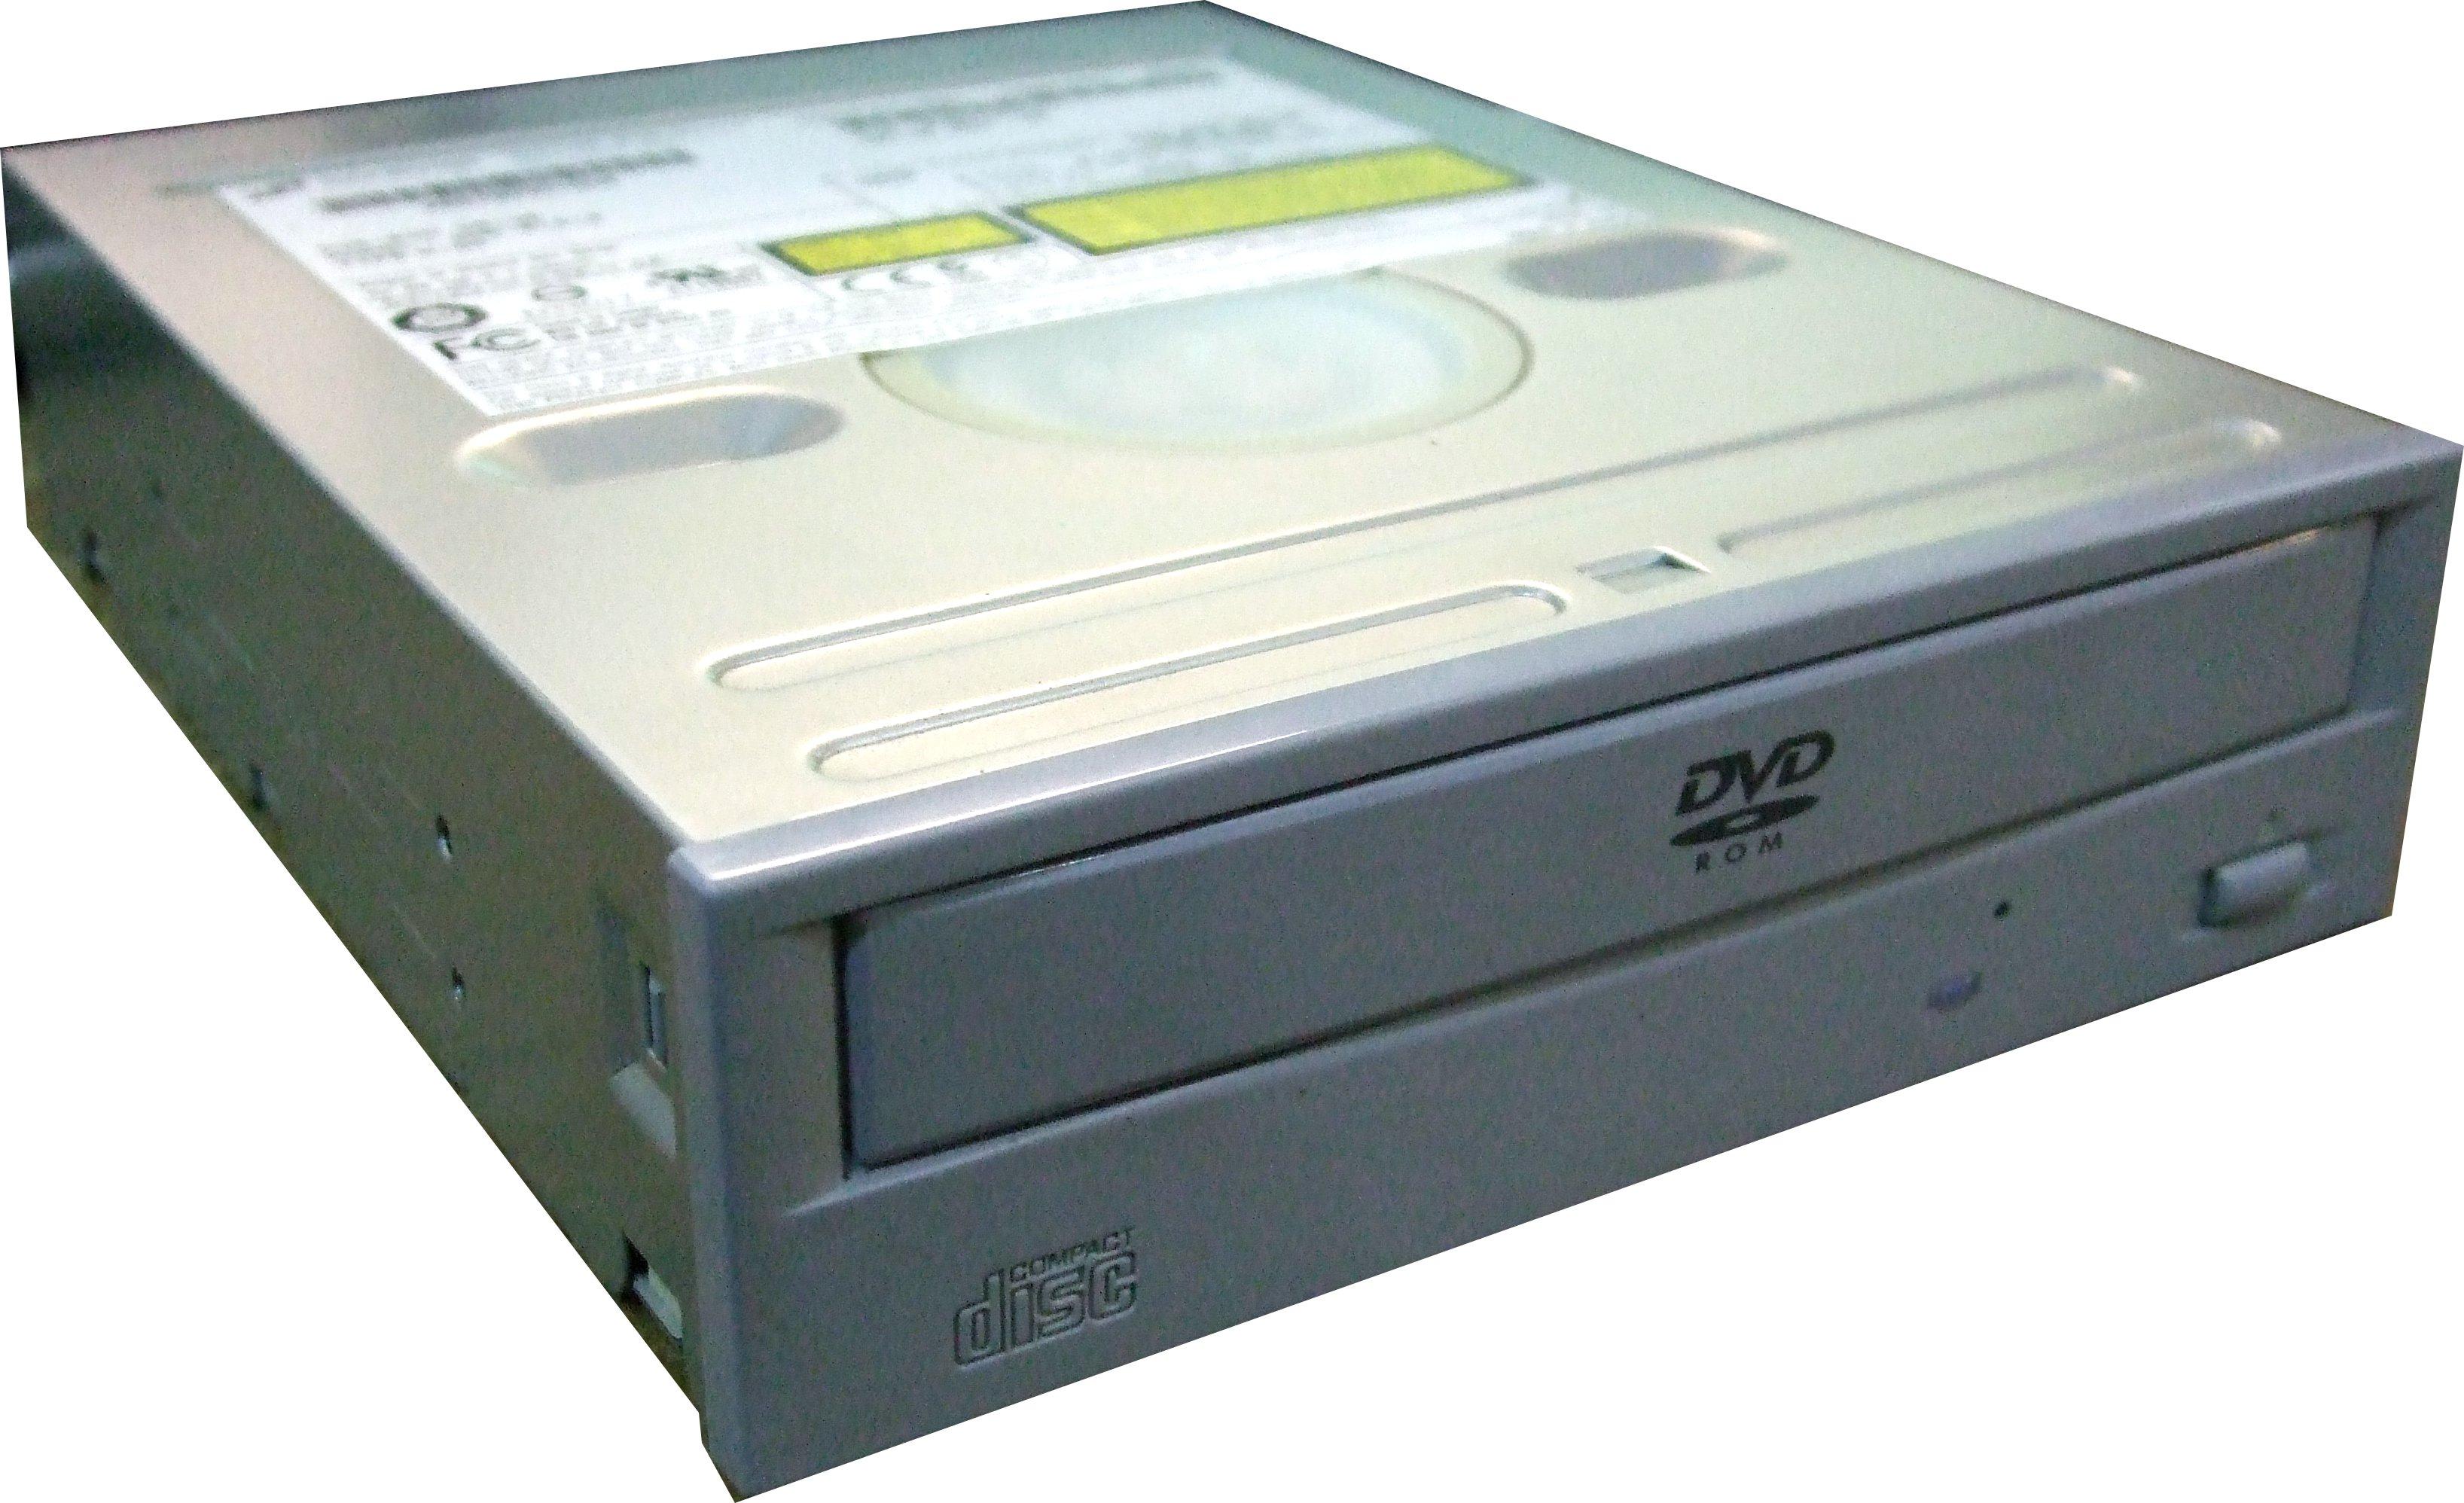 Скачать бесплатно драйвер для cd dvd rom